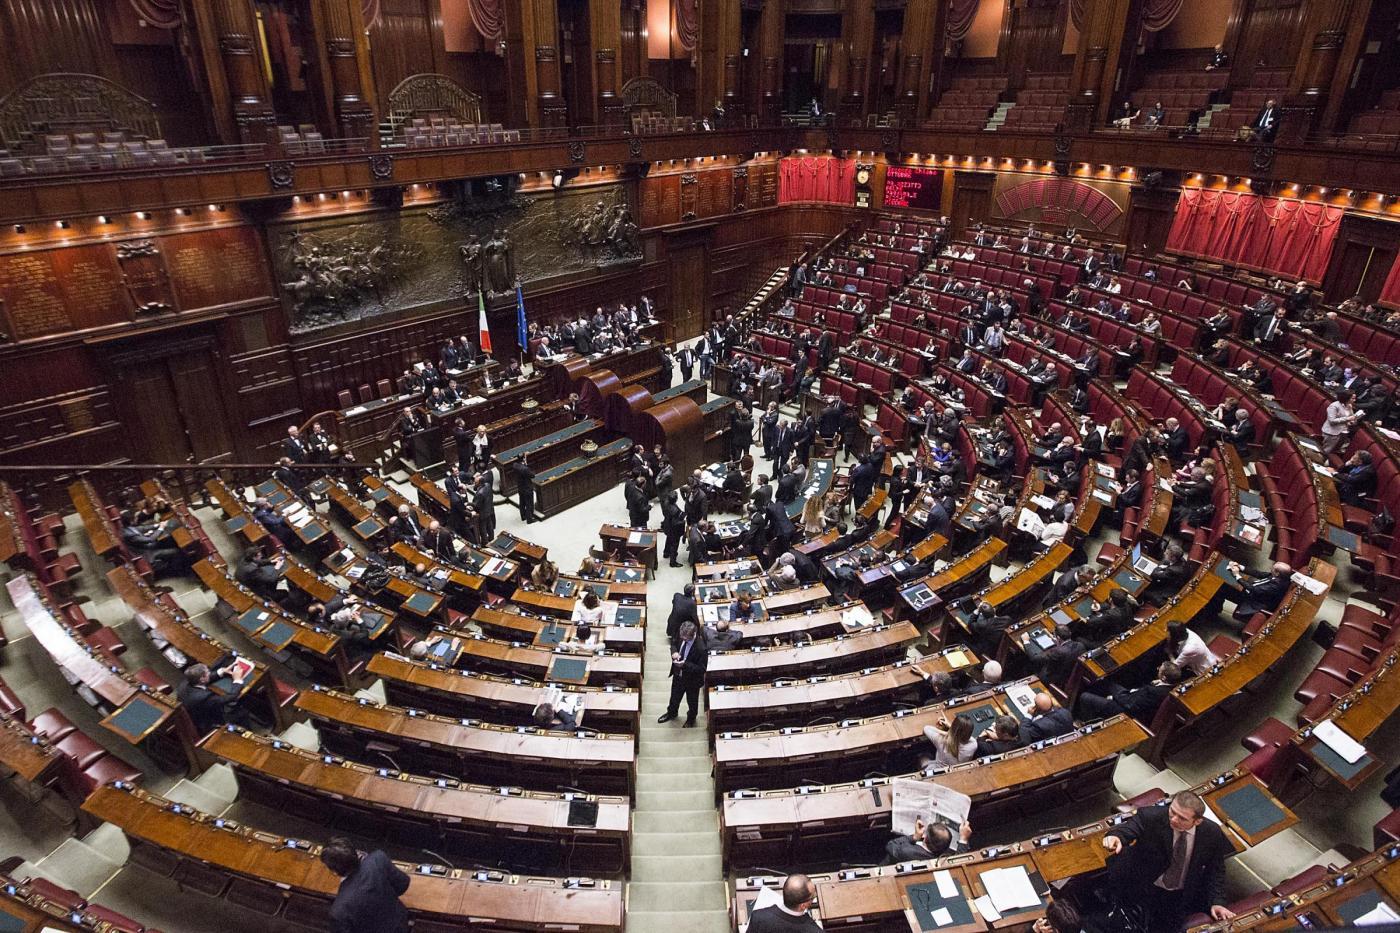 Laura boldrini nuovo presidente della camera al senato ha for Presidente camera dei deputati 2013